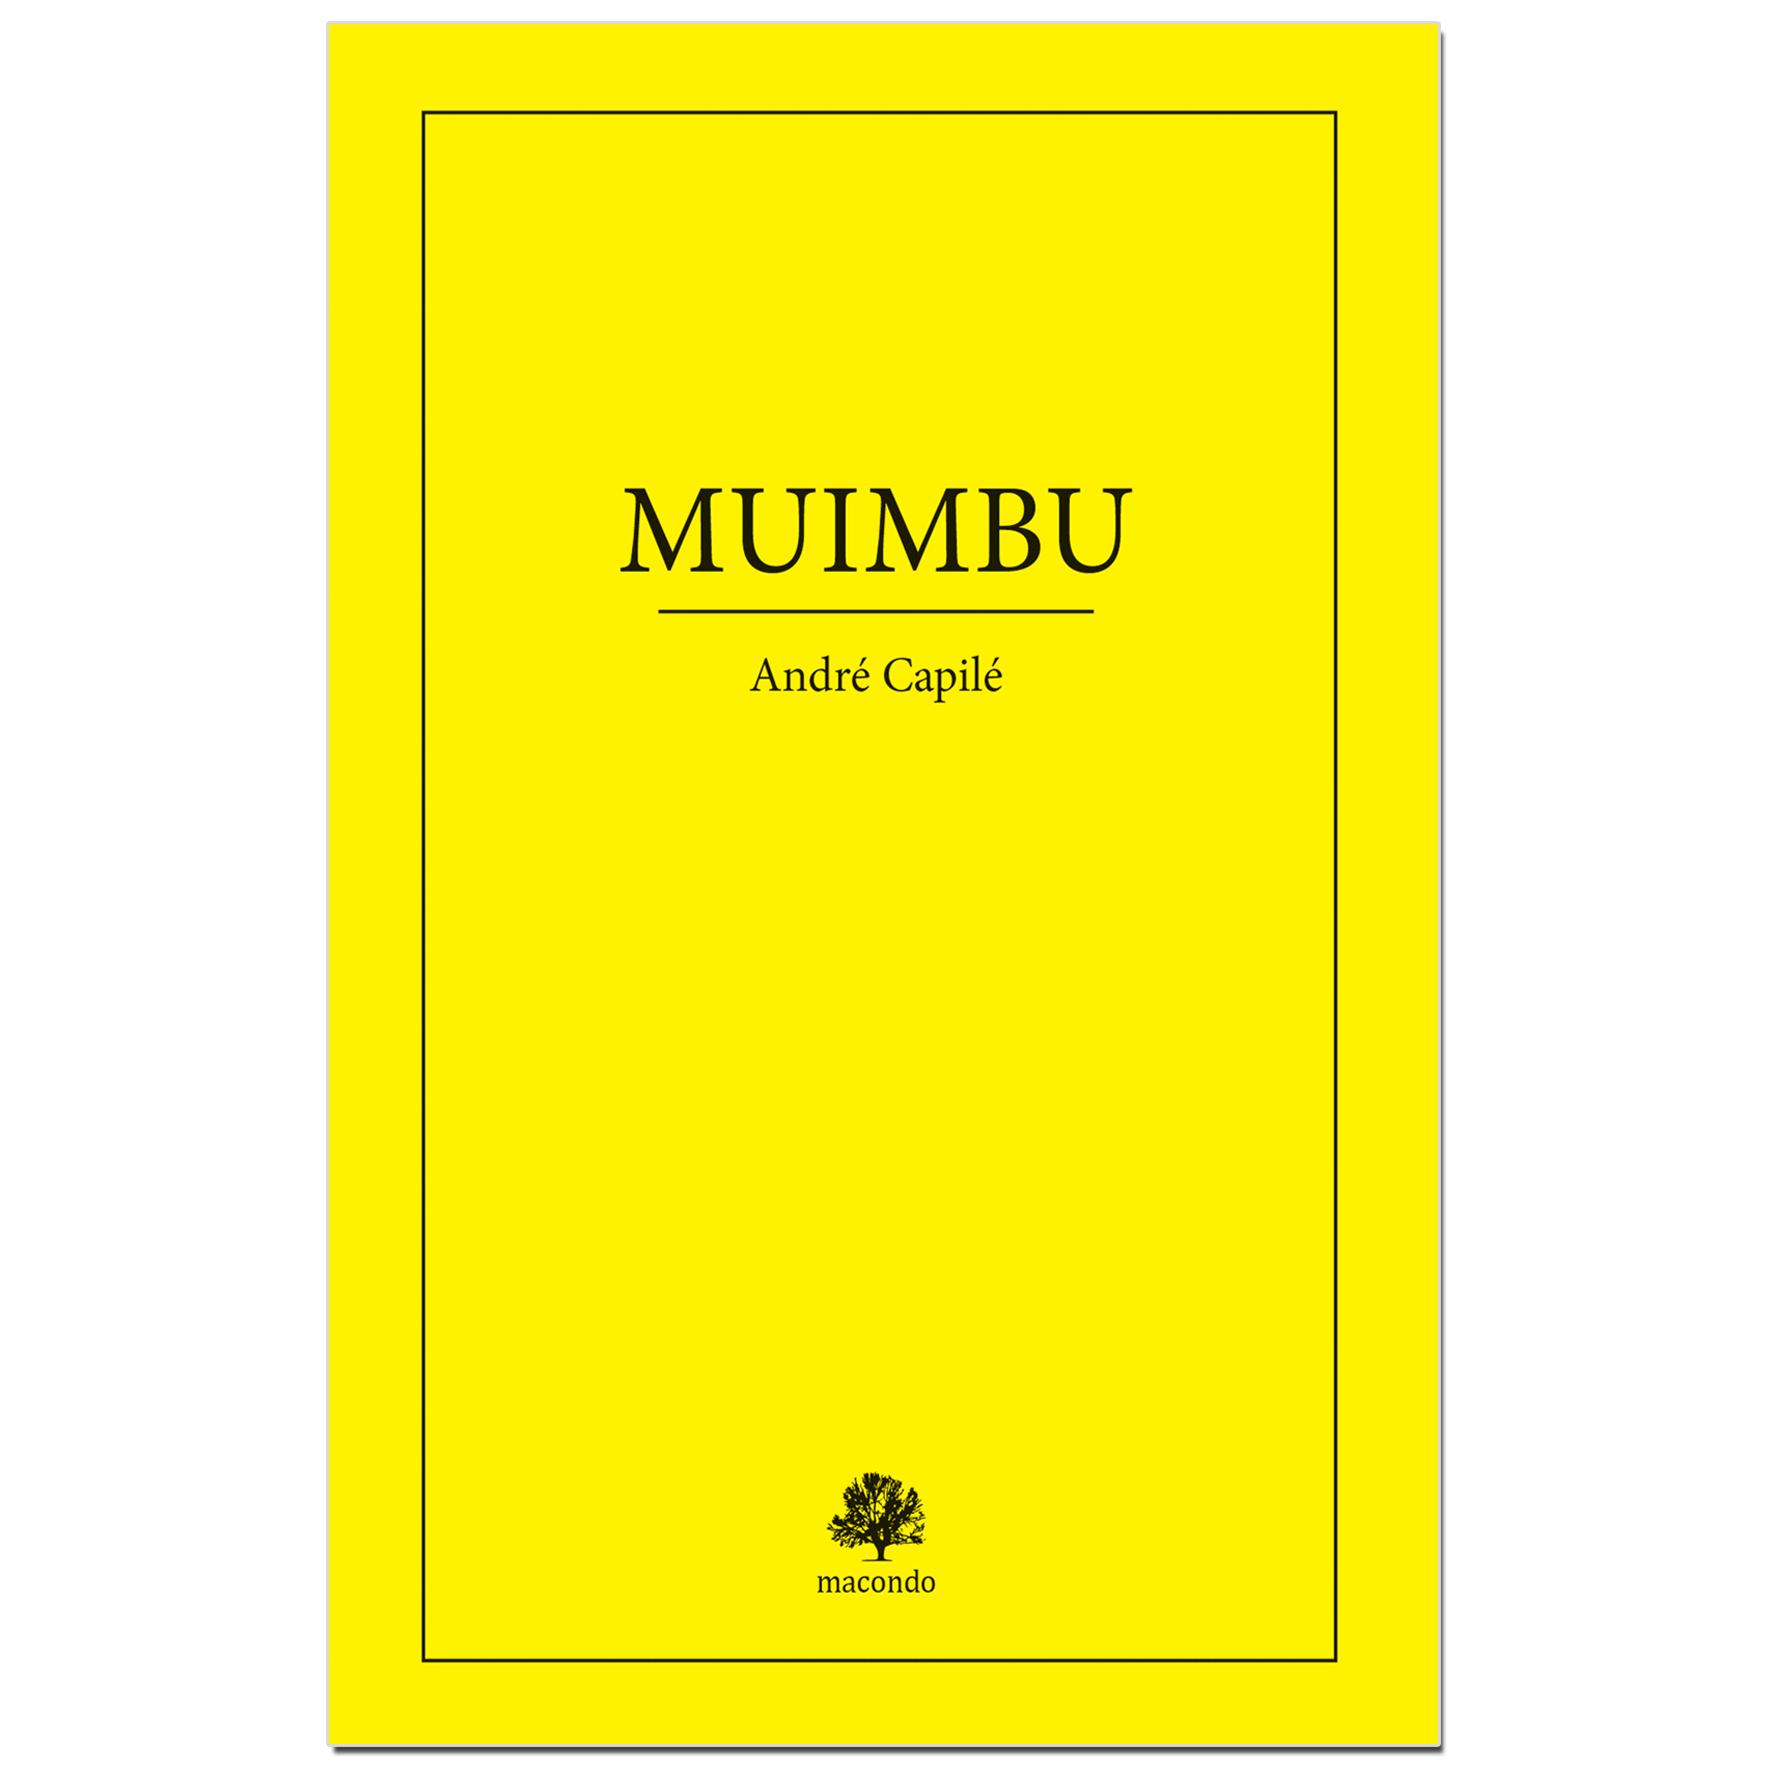 muimbu